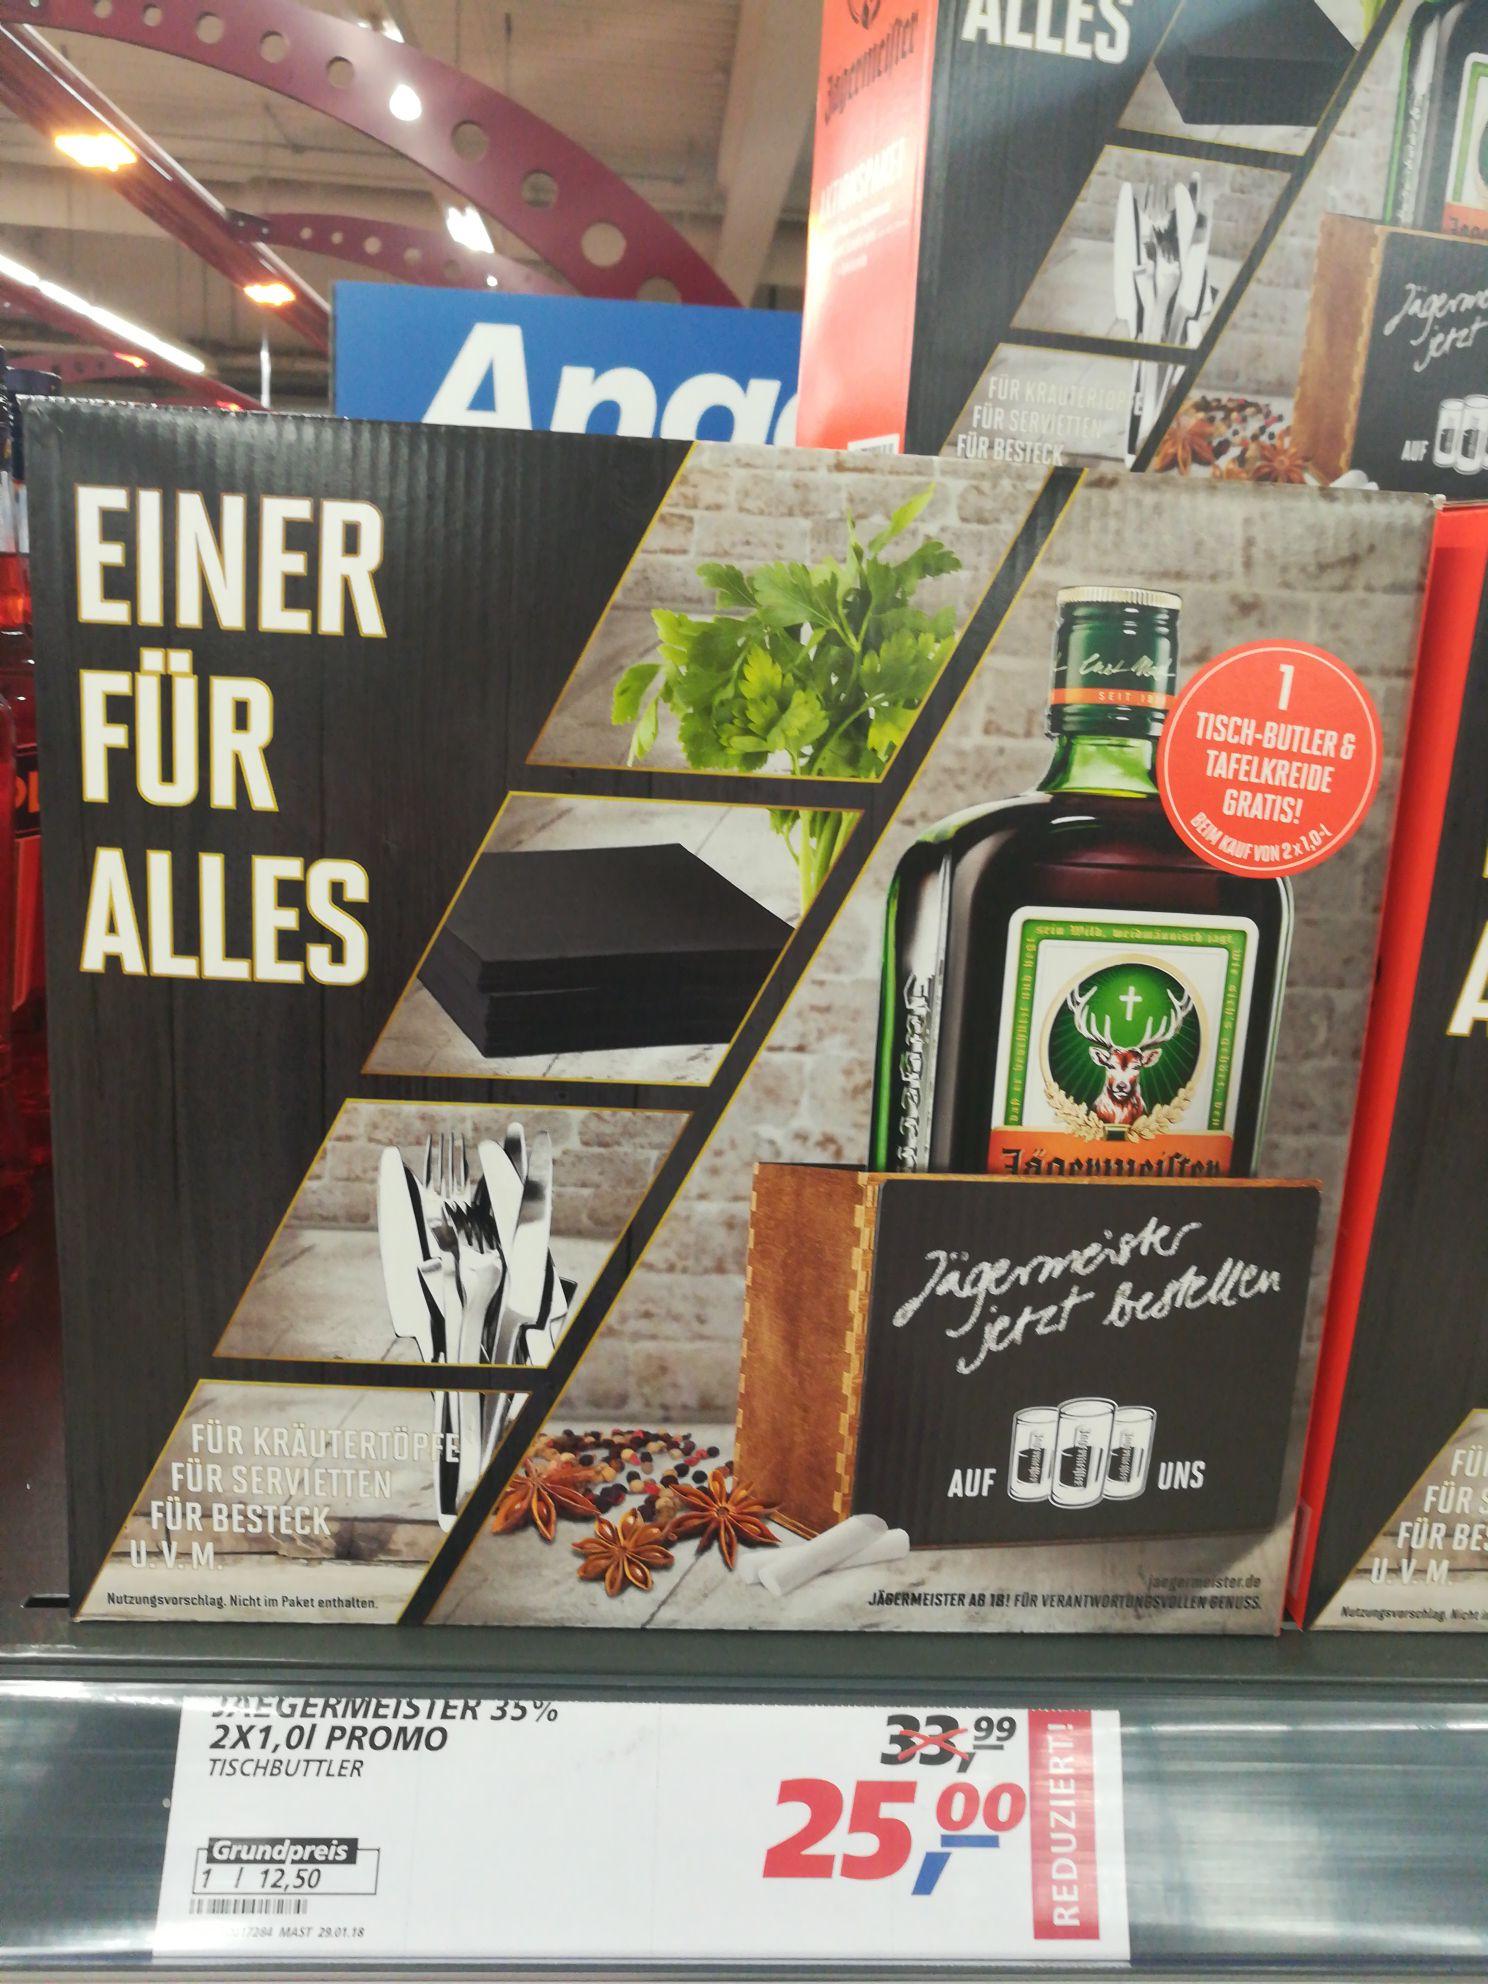 2 x 1 Liter Jägermeister (real-Markt Hamm)